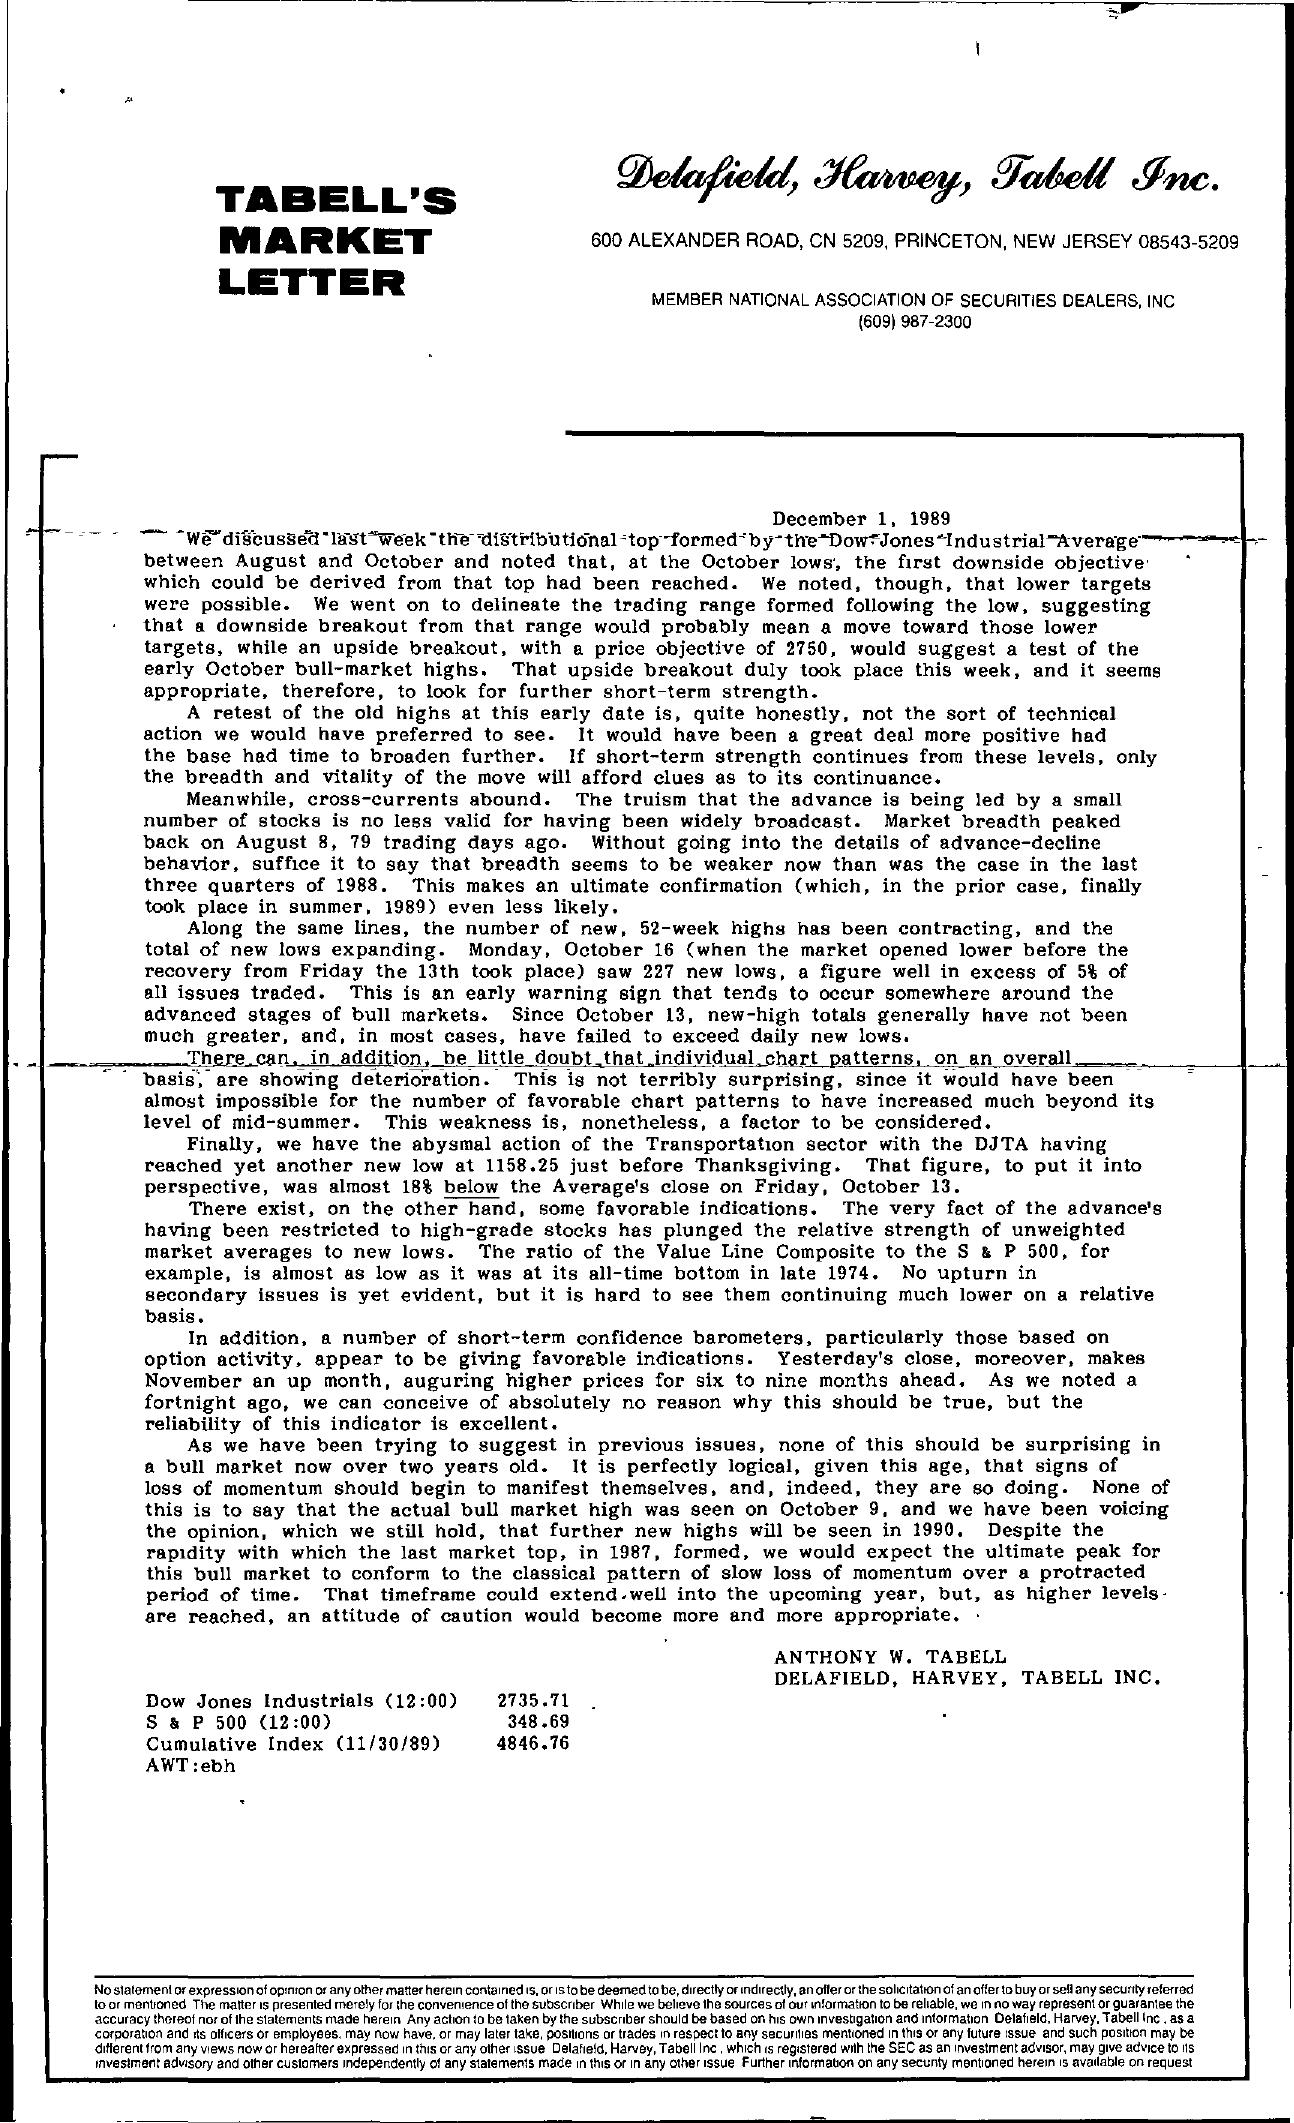 Tabell's Market Letter - December 01, 1989